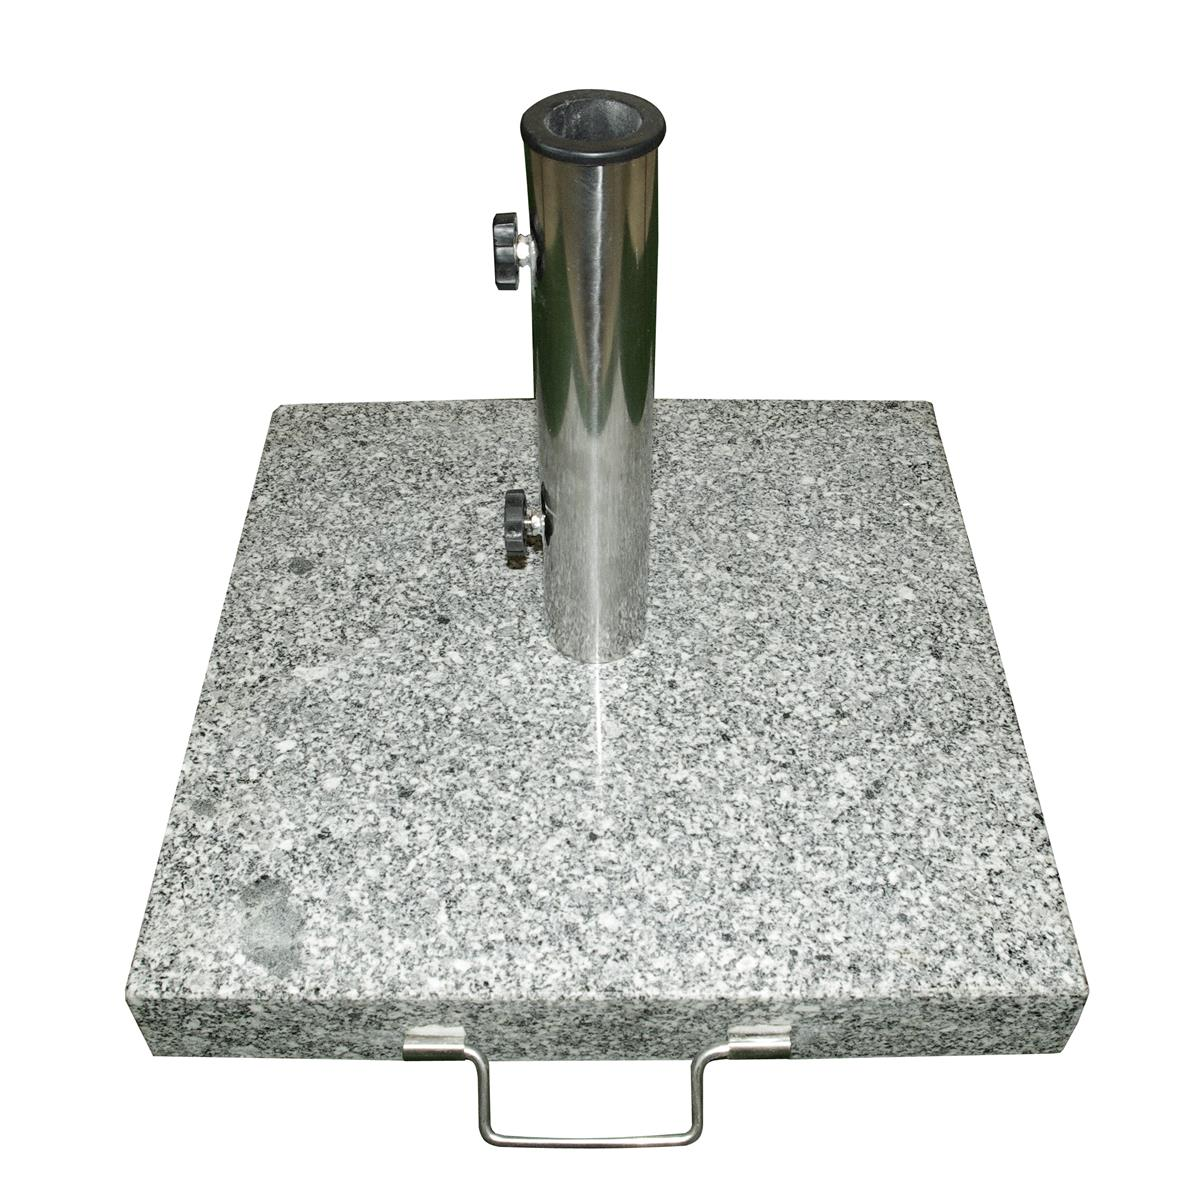 Sonnenschirmständer 25 kg Granit eckig grau 40 x40cm Edelstahlgriff Rollen